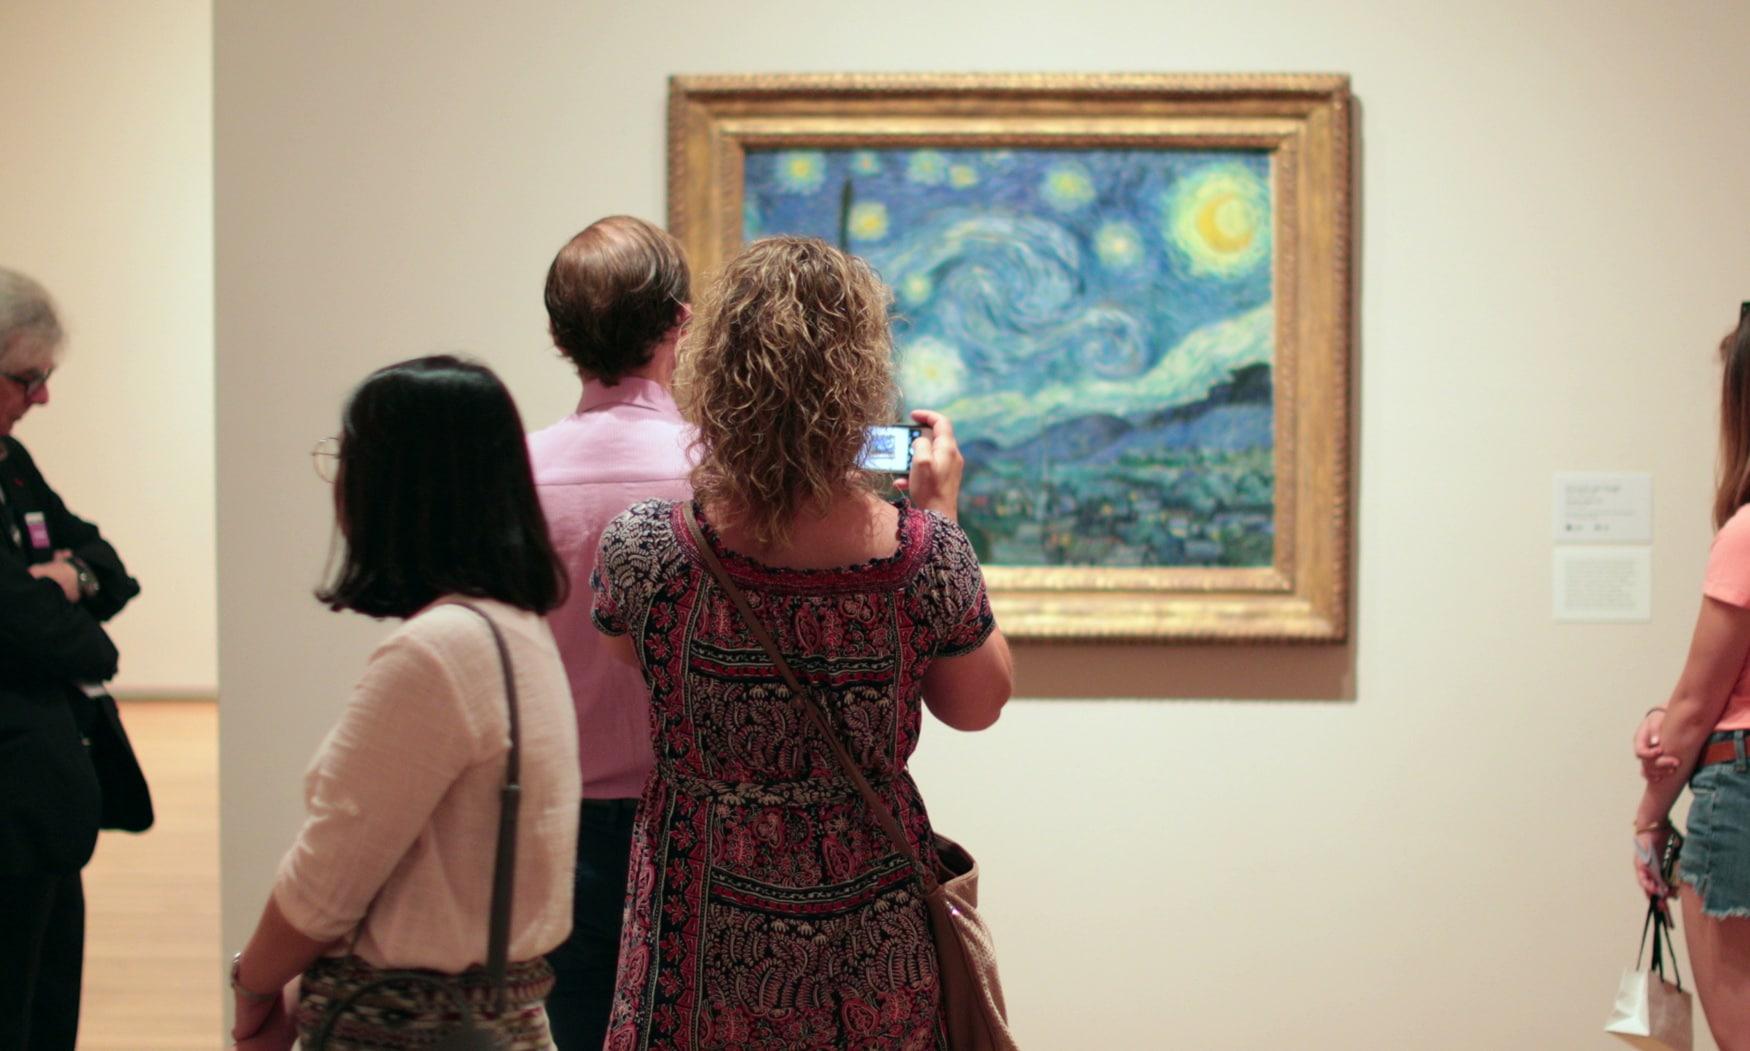 Sternennacht von Vincent van Gogh im MOMA, Kunst